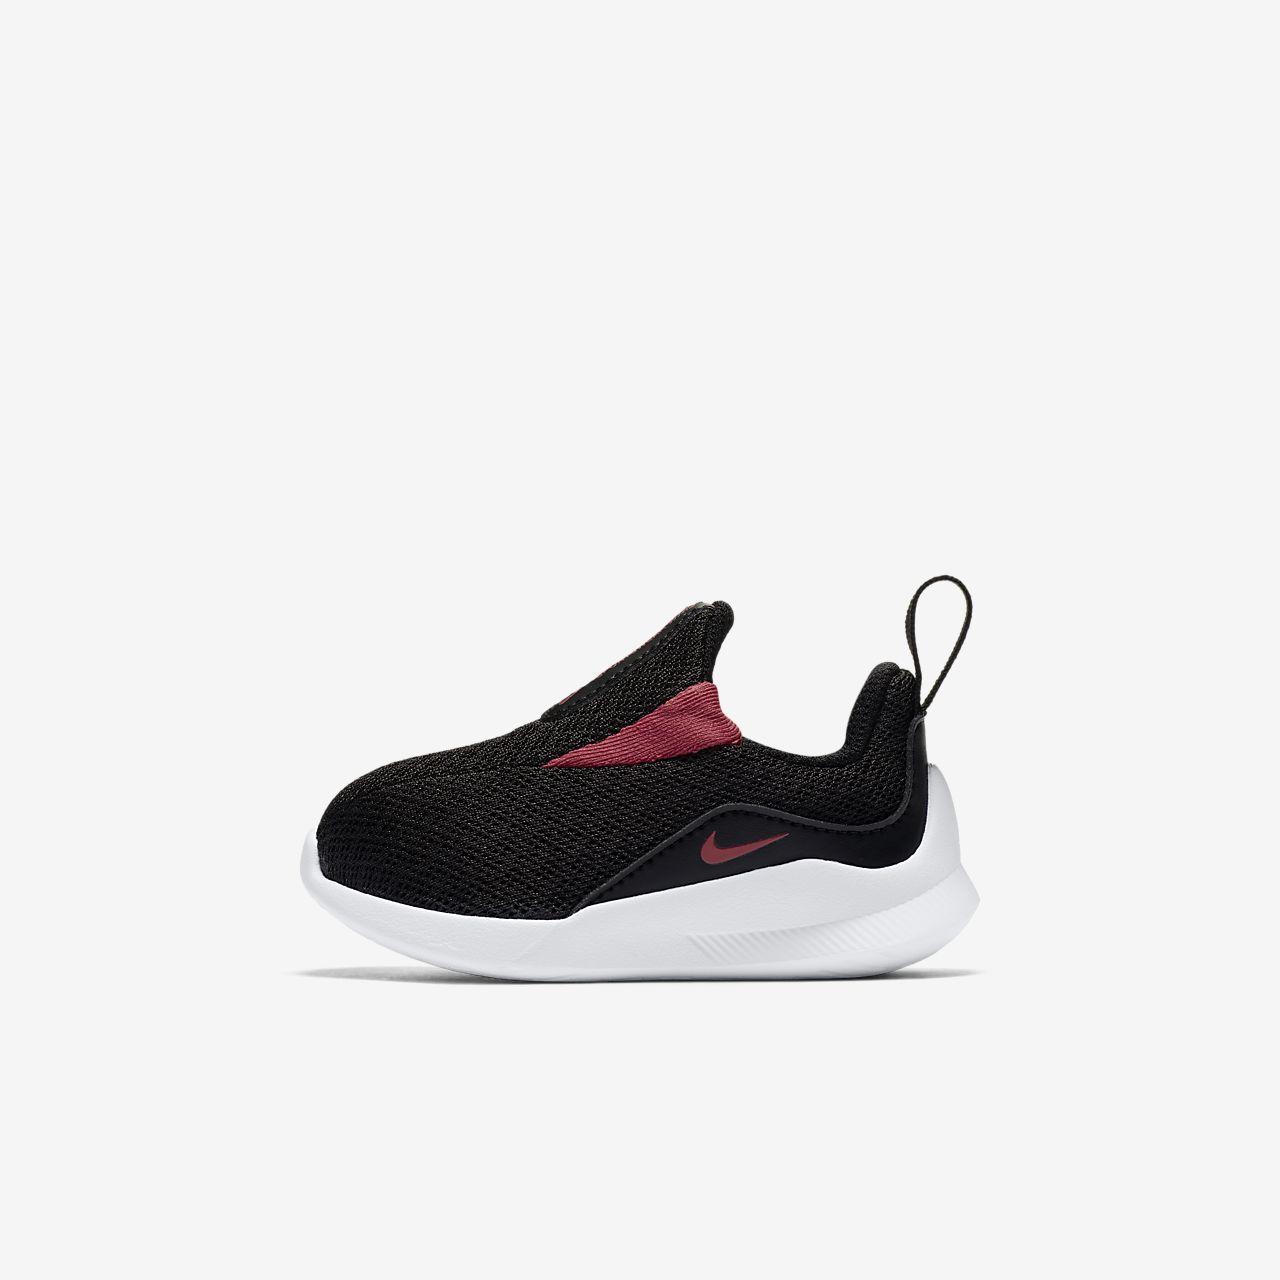 dd515959843d5 Calzado para bebés Nike Viale. Nike.com MX